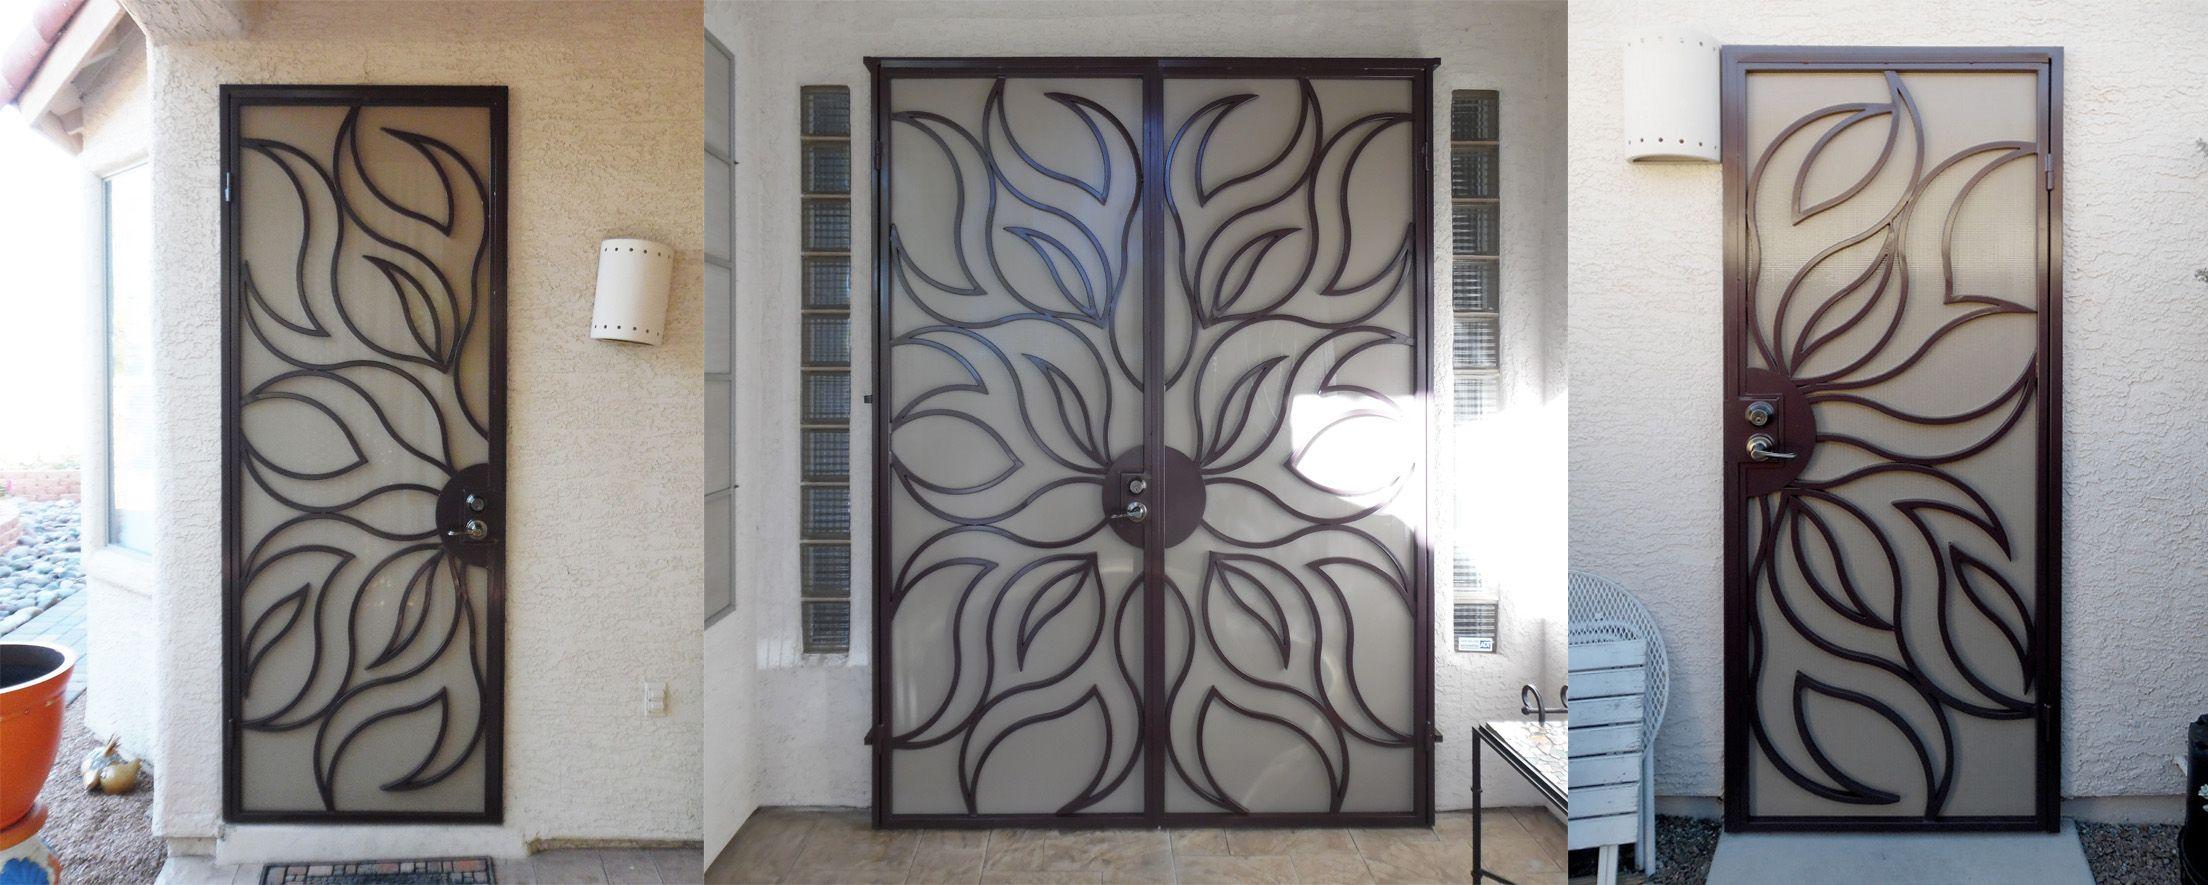 metal security screen door. Matching Sunburst Wrought Iron Security Screen Doors Metal Door